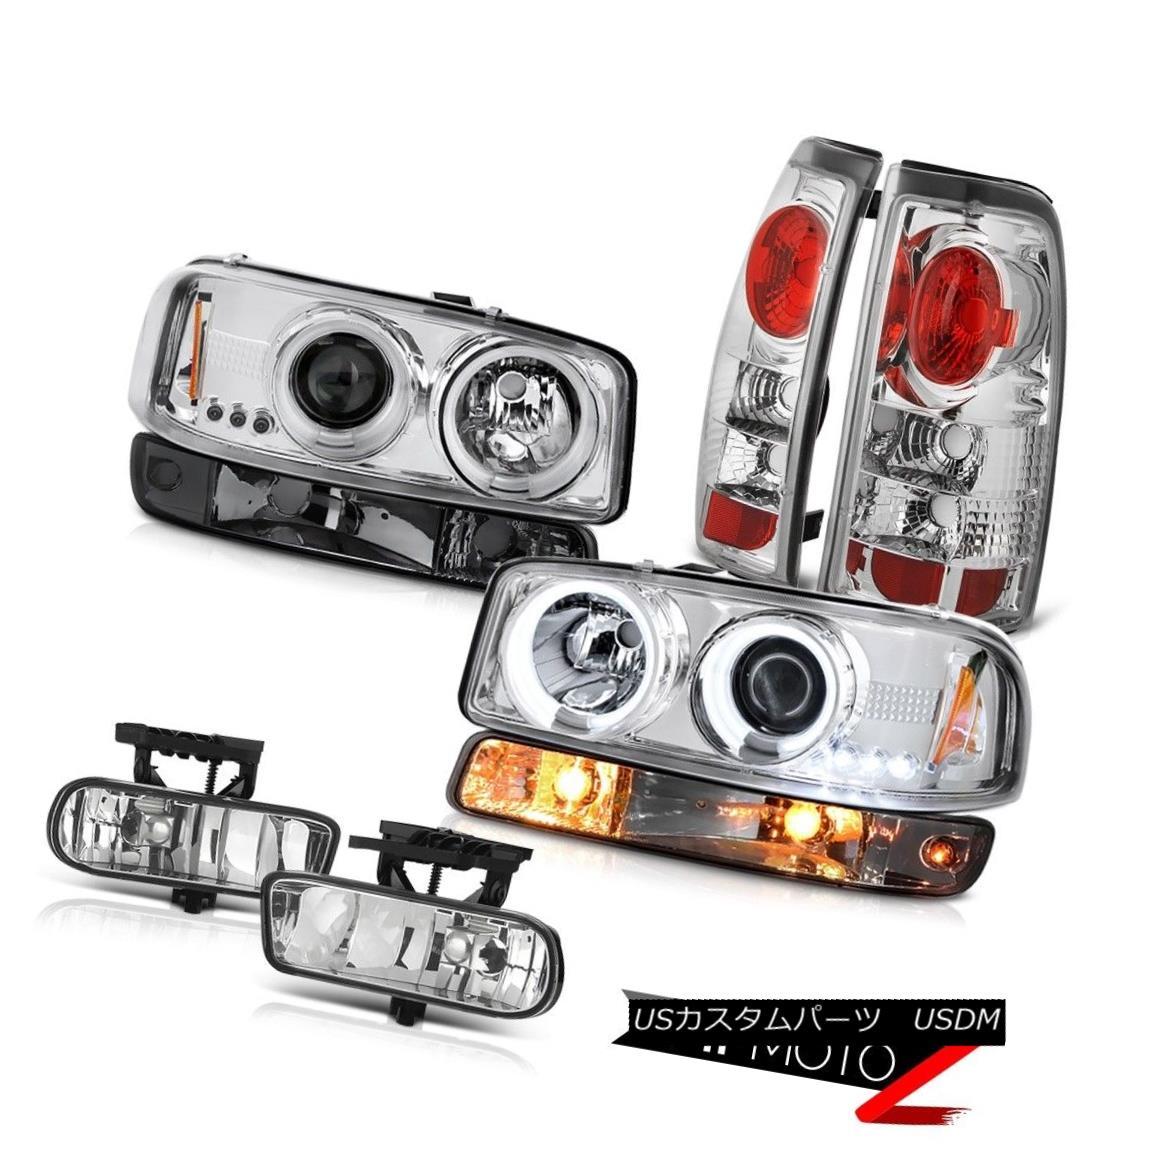 テールライト 1999-2002 Sierra 3500HD Fog lamps tail brake smokey signal light ccfl Headlights 1999-2002 Sierra 3500HDフォグランプテールブレーキスモーシグナルライトccflヘッドライト